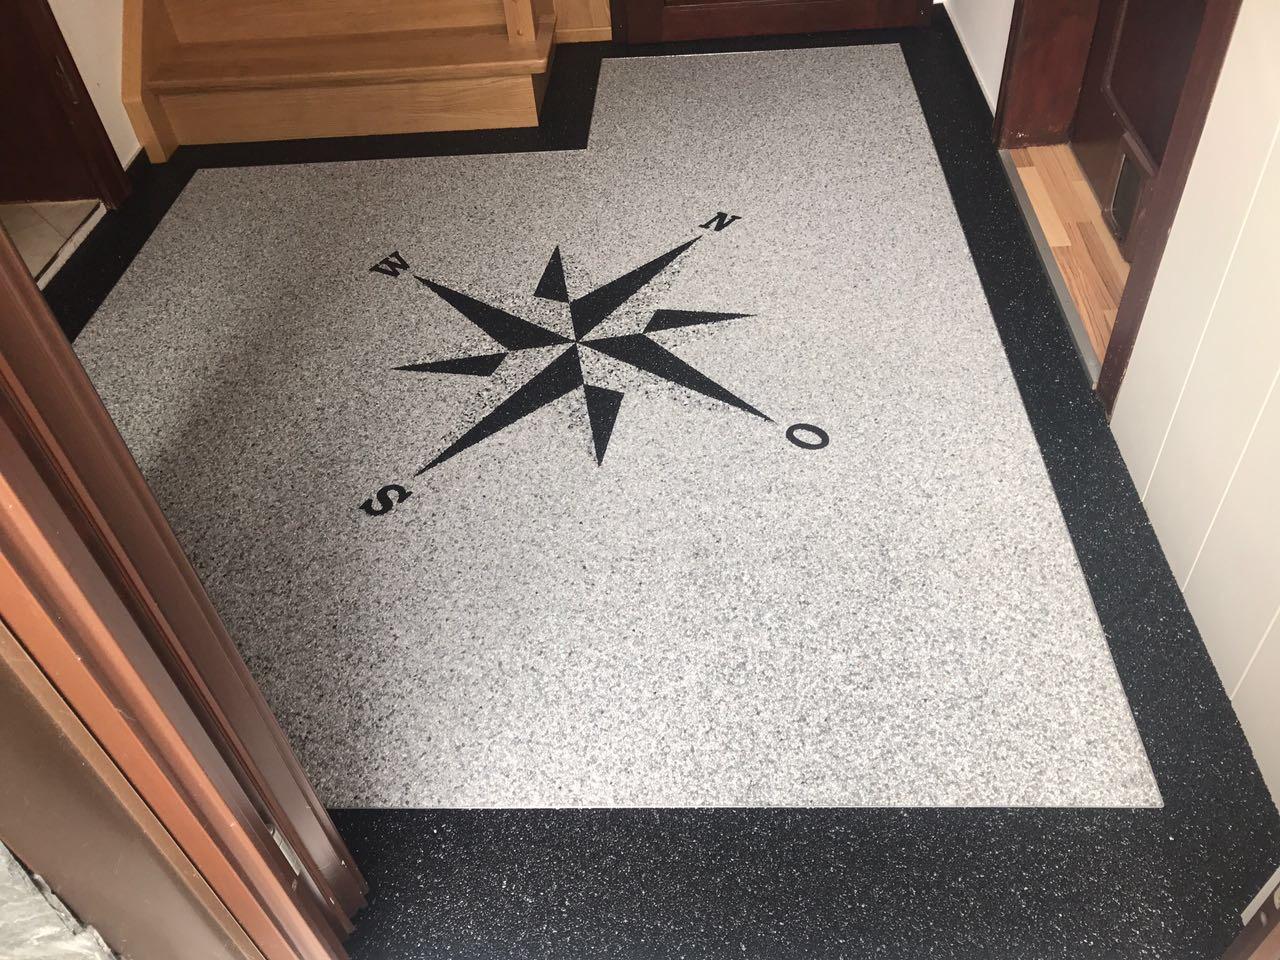 Ein schöner Stern mit Steinteppich